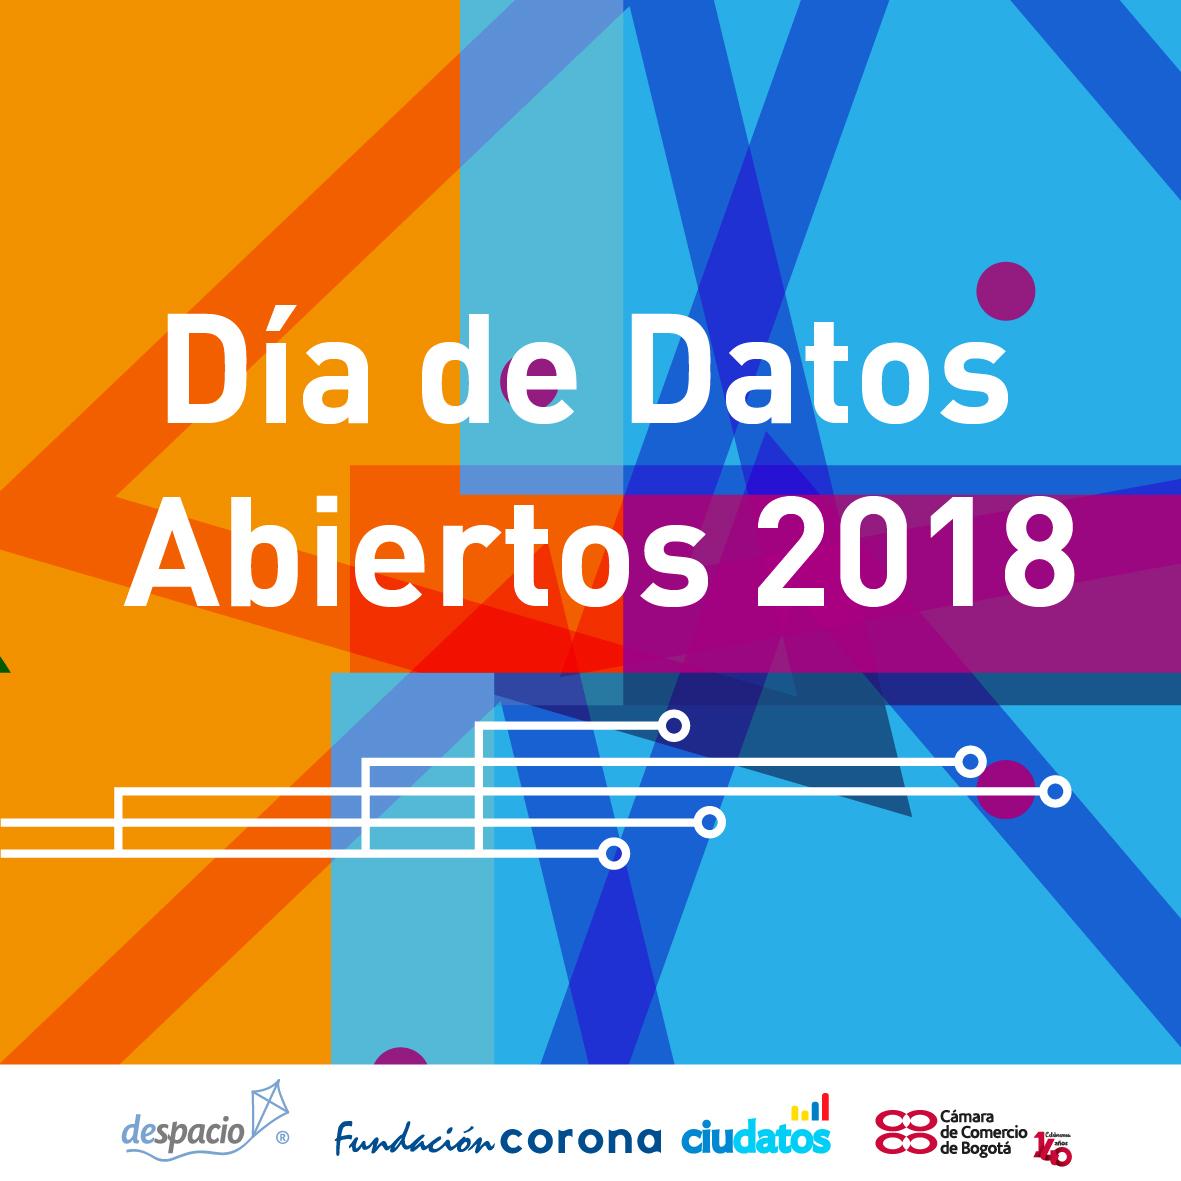 Día de datos abiertos Despacio, Cámara de Comercio de Bogotá y Fundación Corona